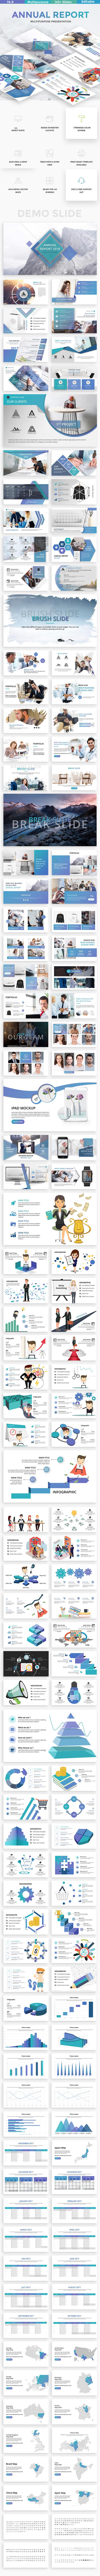 GraphicRiver Annual Report Google Slide Template 20778477